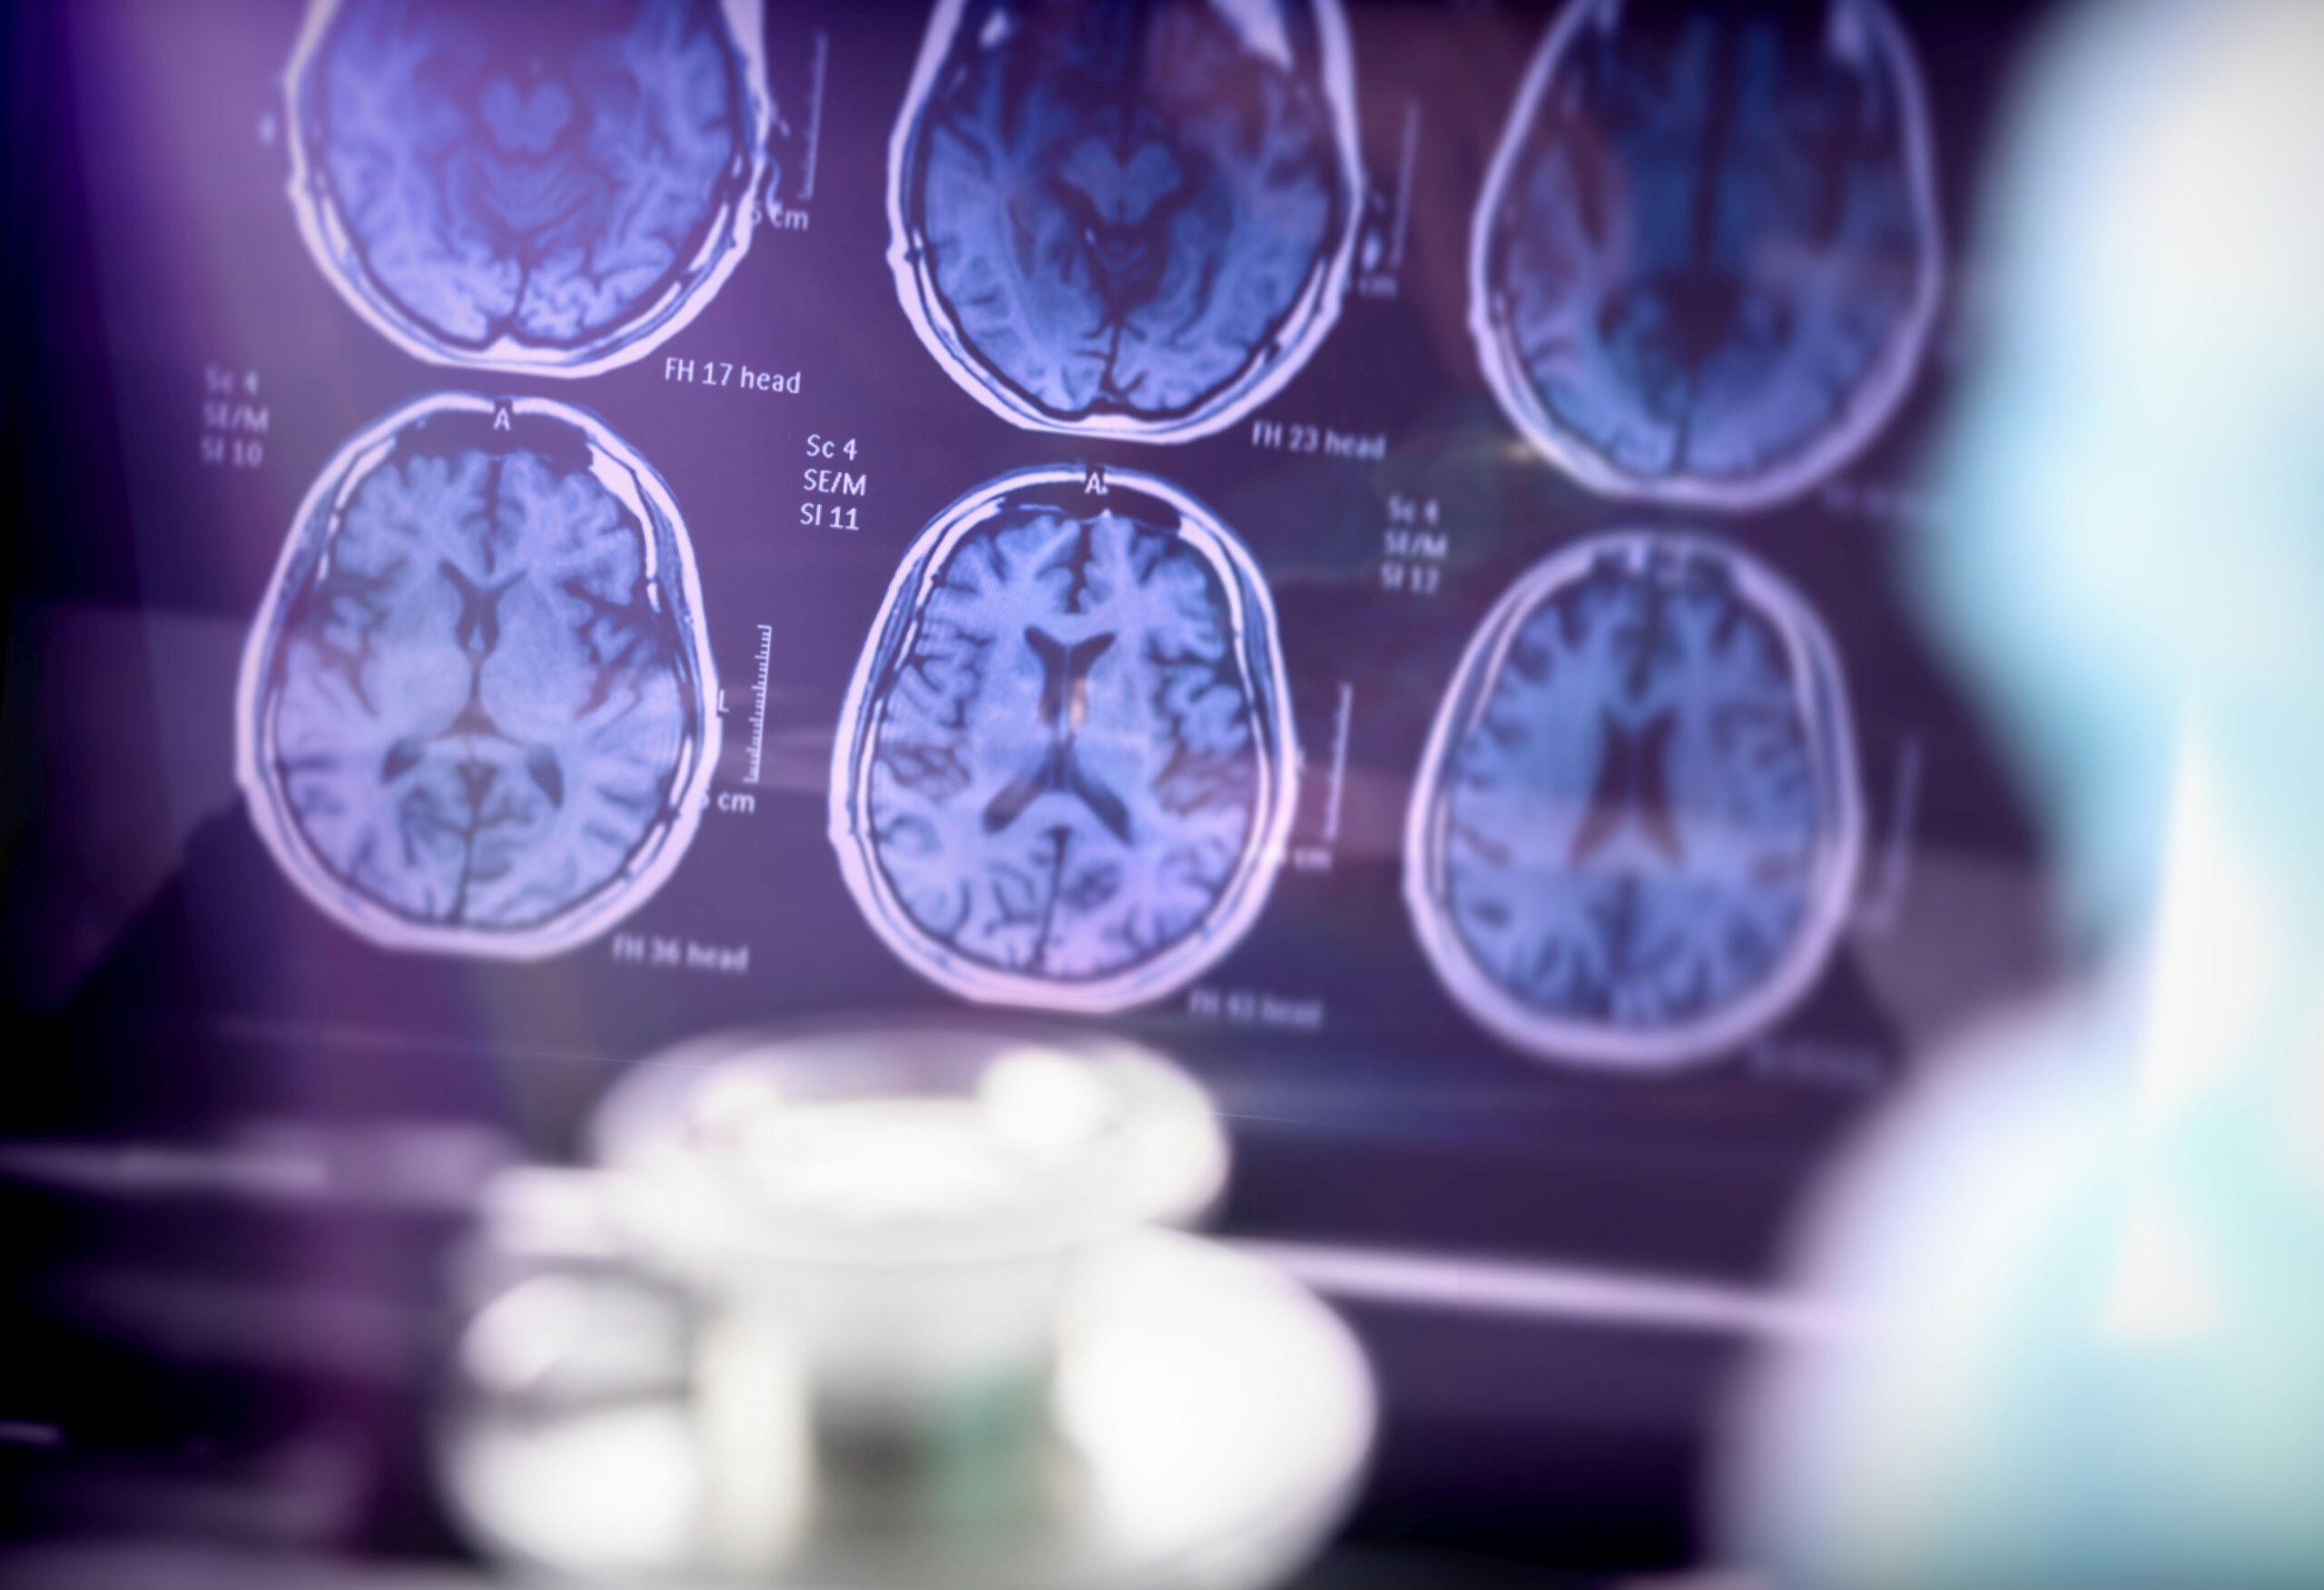 נמצא מנגנון ביולוגי במוח שגורם לנו לזכור טוב יותר חוויות ראשוניות